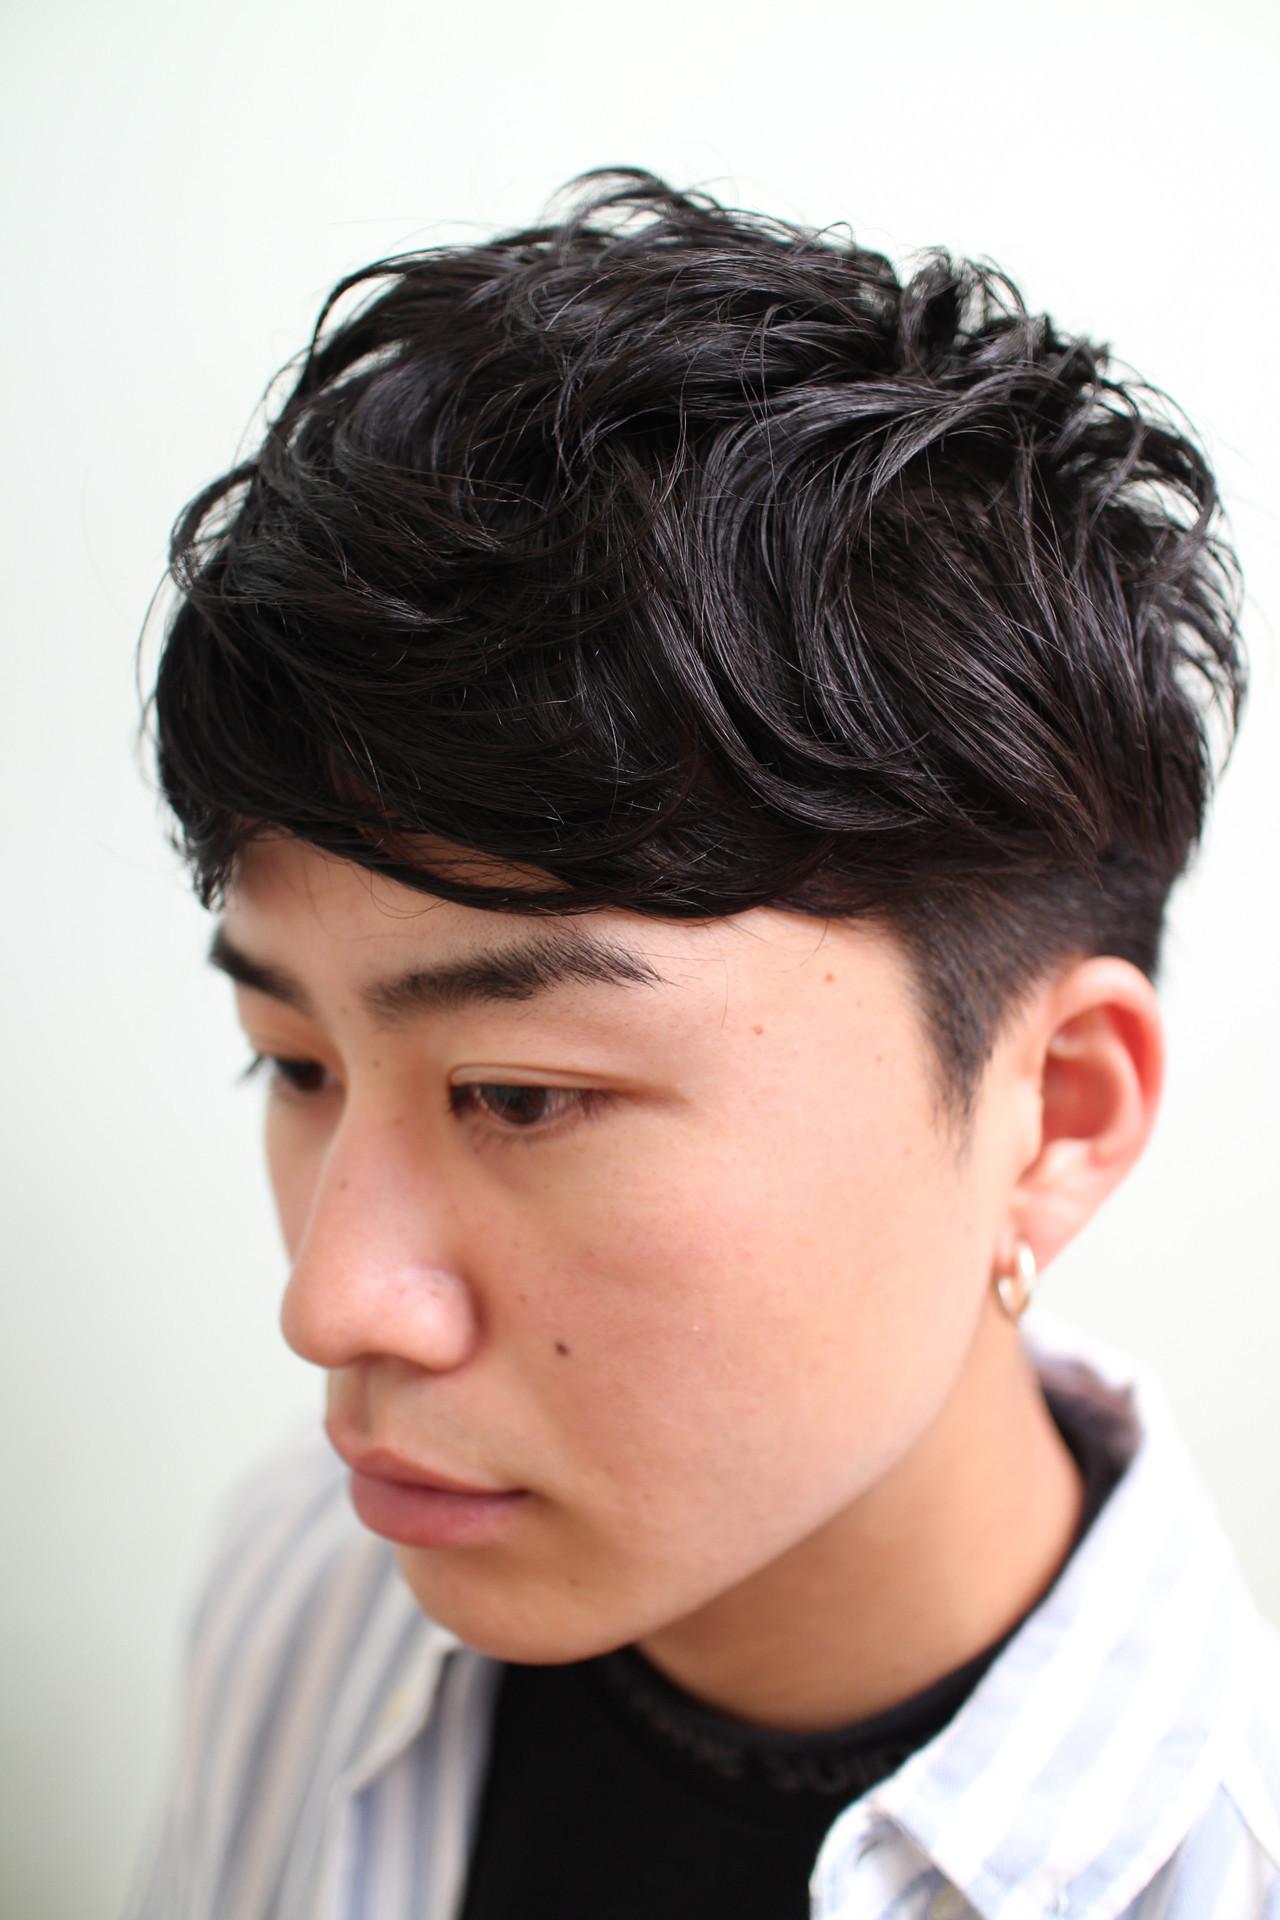 ナチュラル メンズ ツーブロック 黒髪 ヘアスタイルや髪型の写真・画像